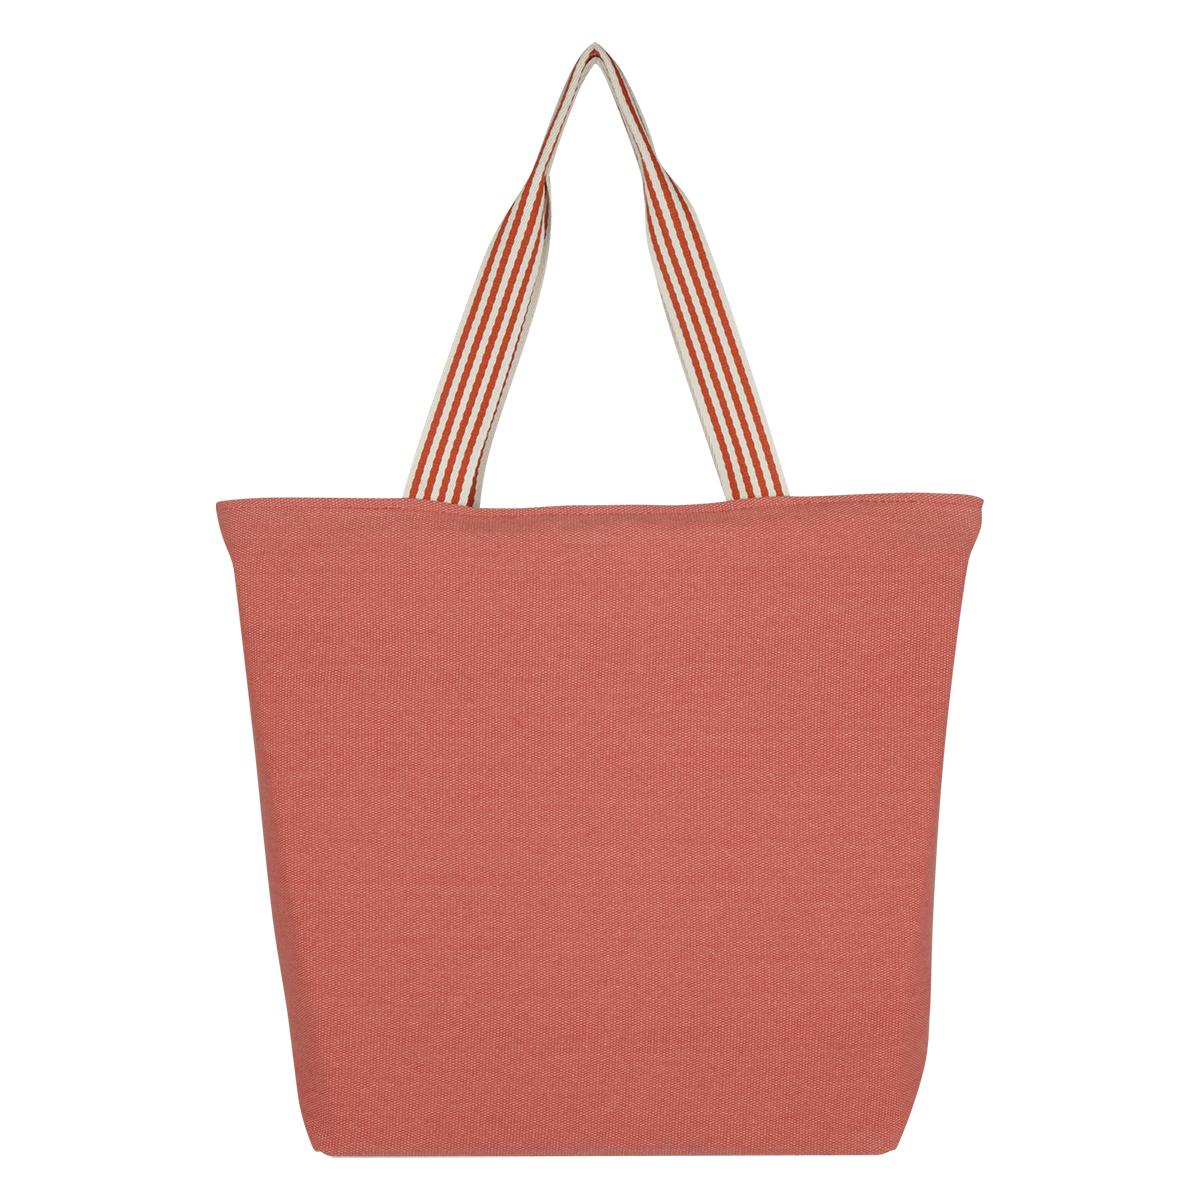 Printed Boulevard Tote Bag